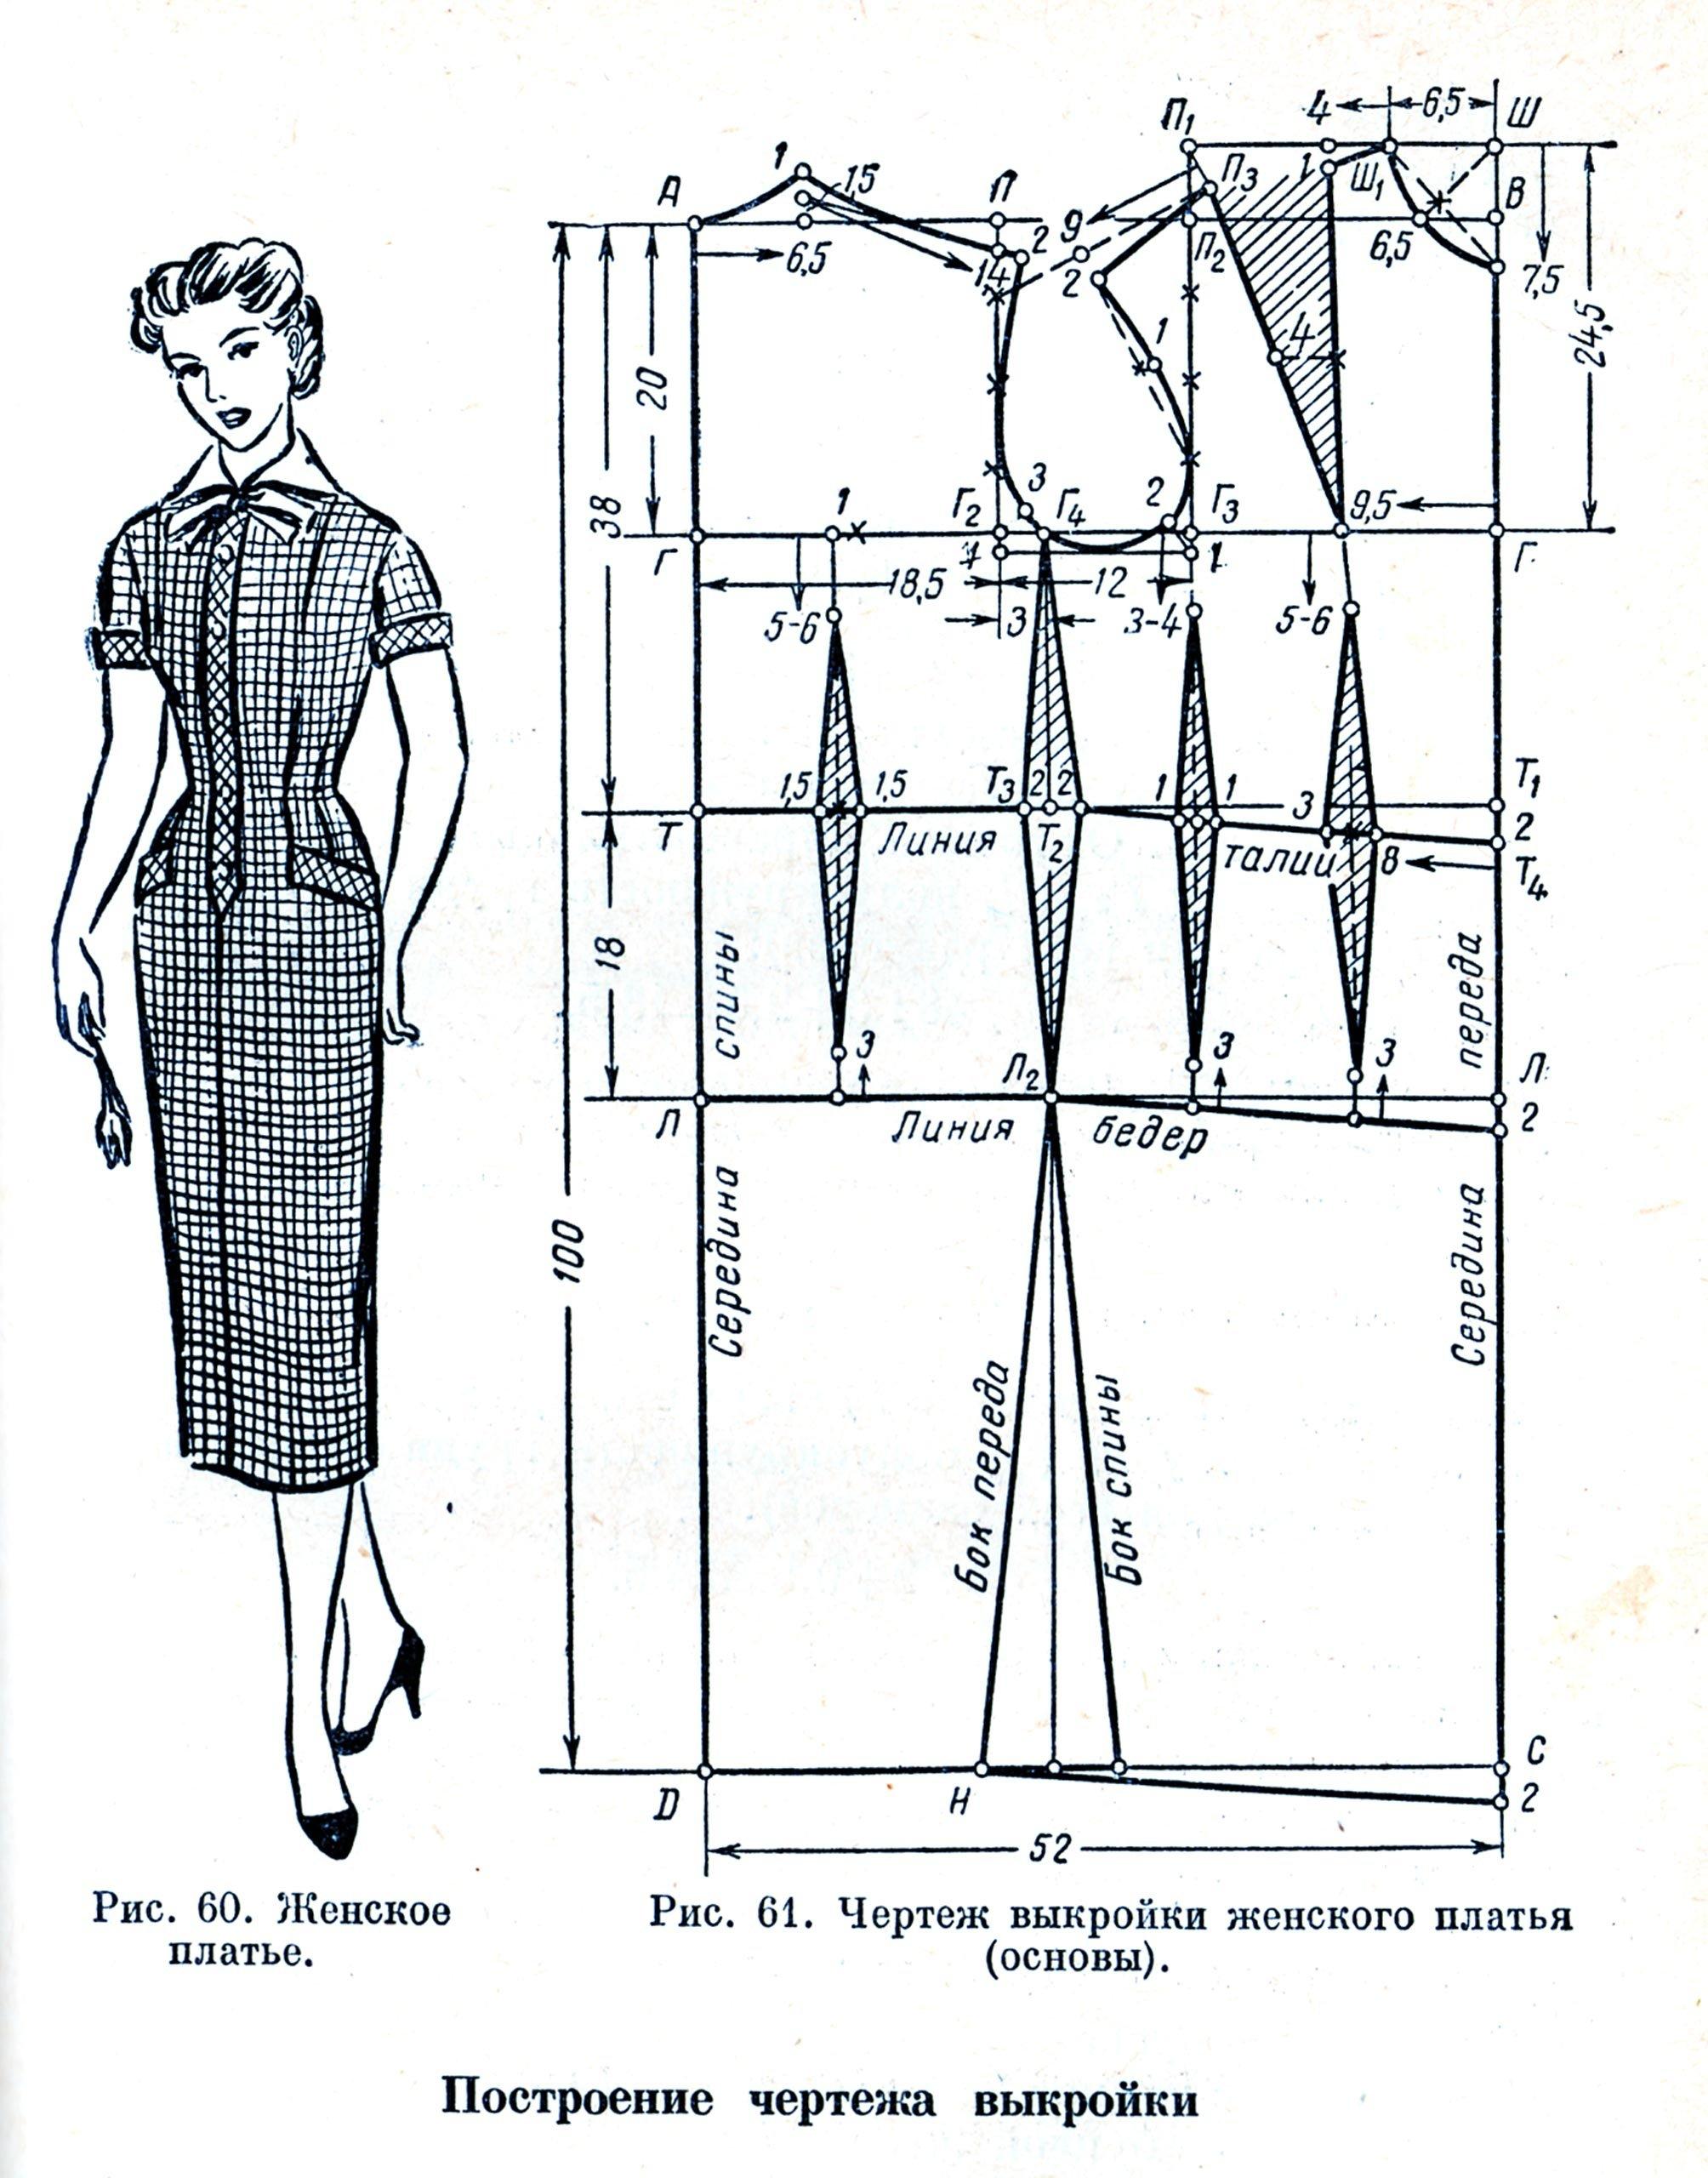 Как сделать выкройку платья трапеция для начинающих фото 286